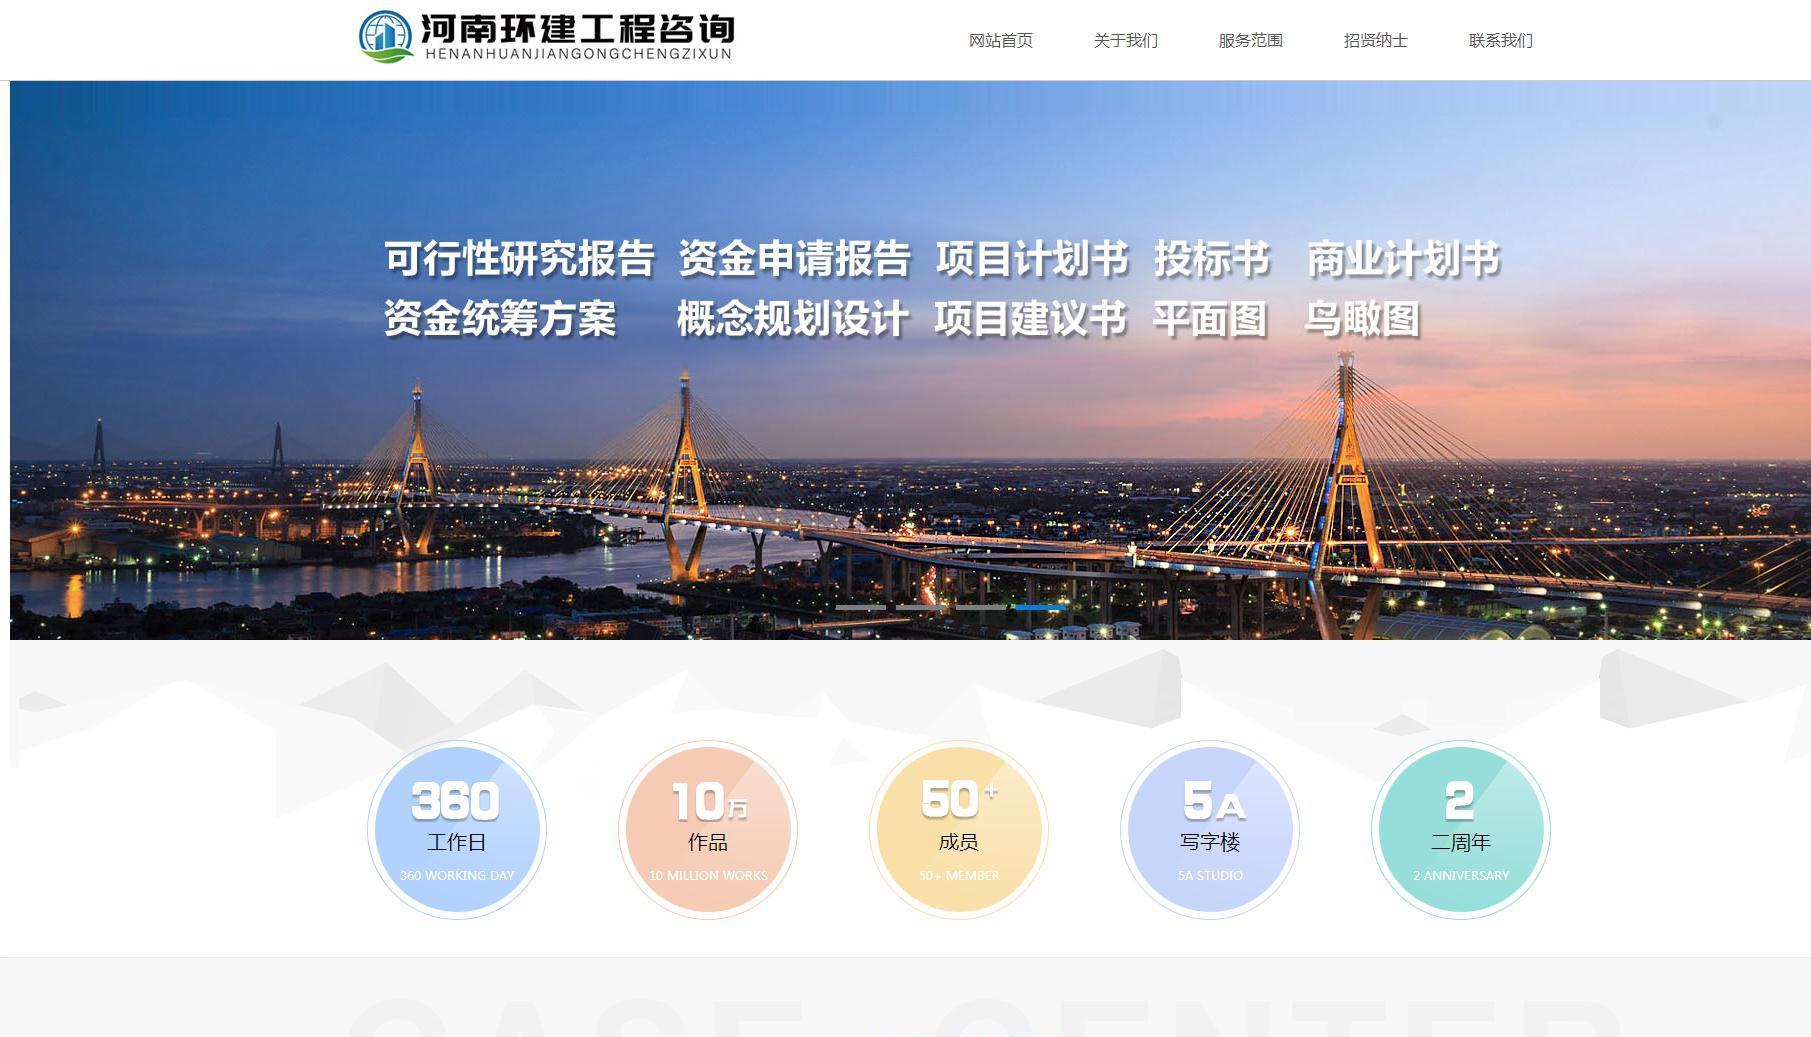 工程设计咨询ope官方ope官方ope官方网站下载下载下载